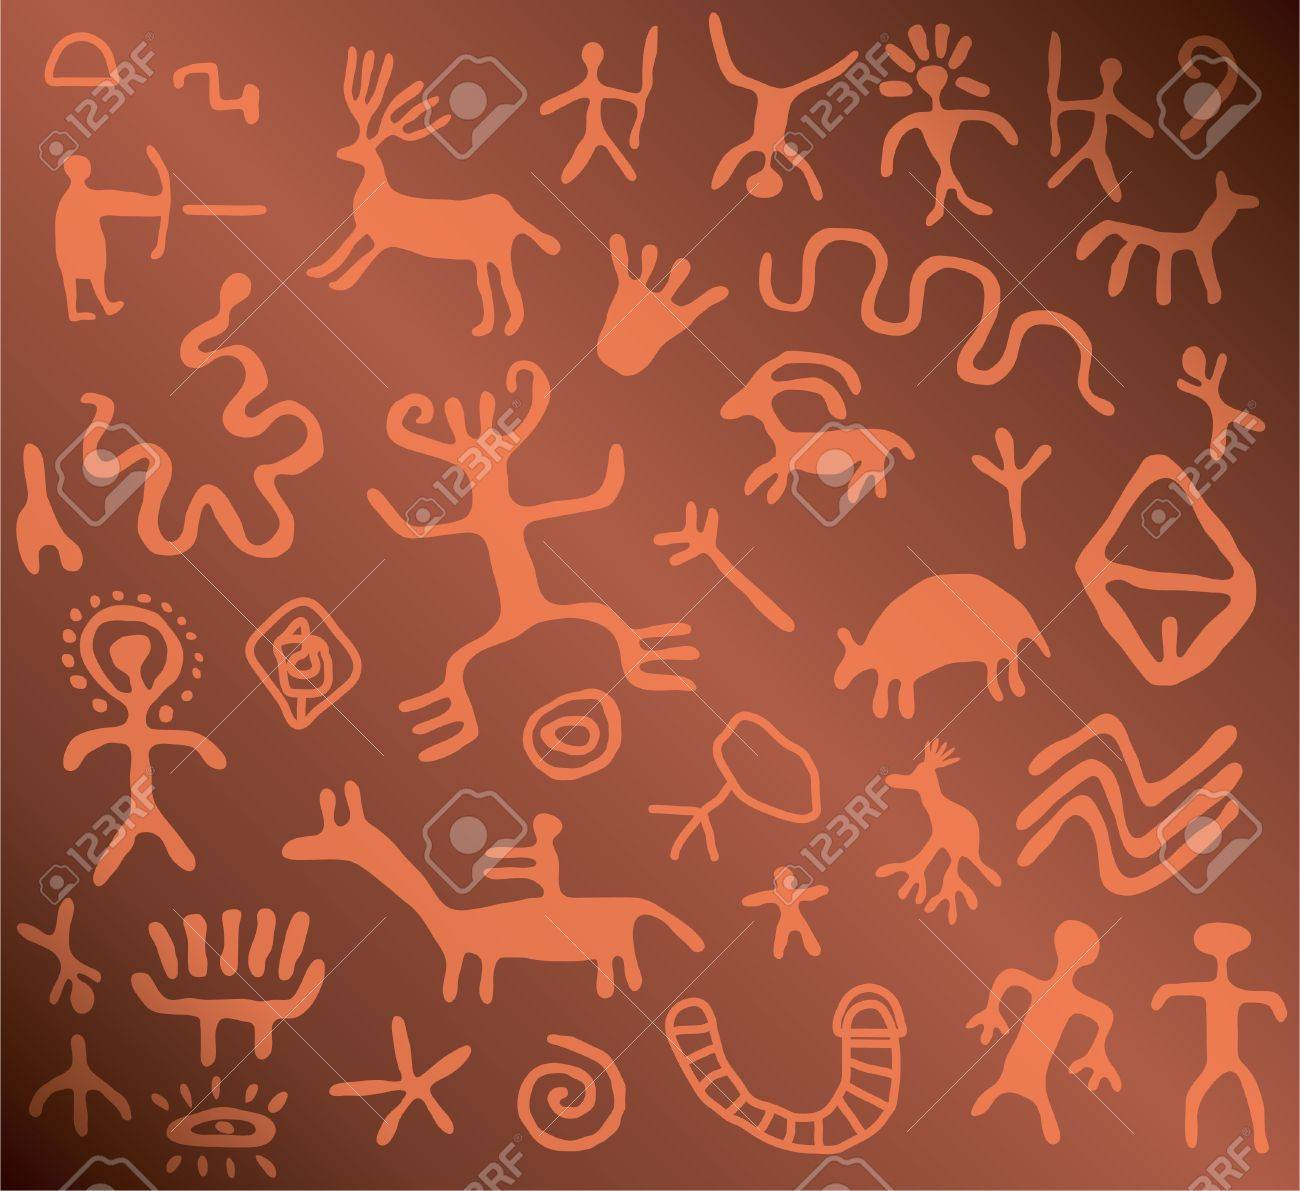 ancient petroglyphs - 9924273